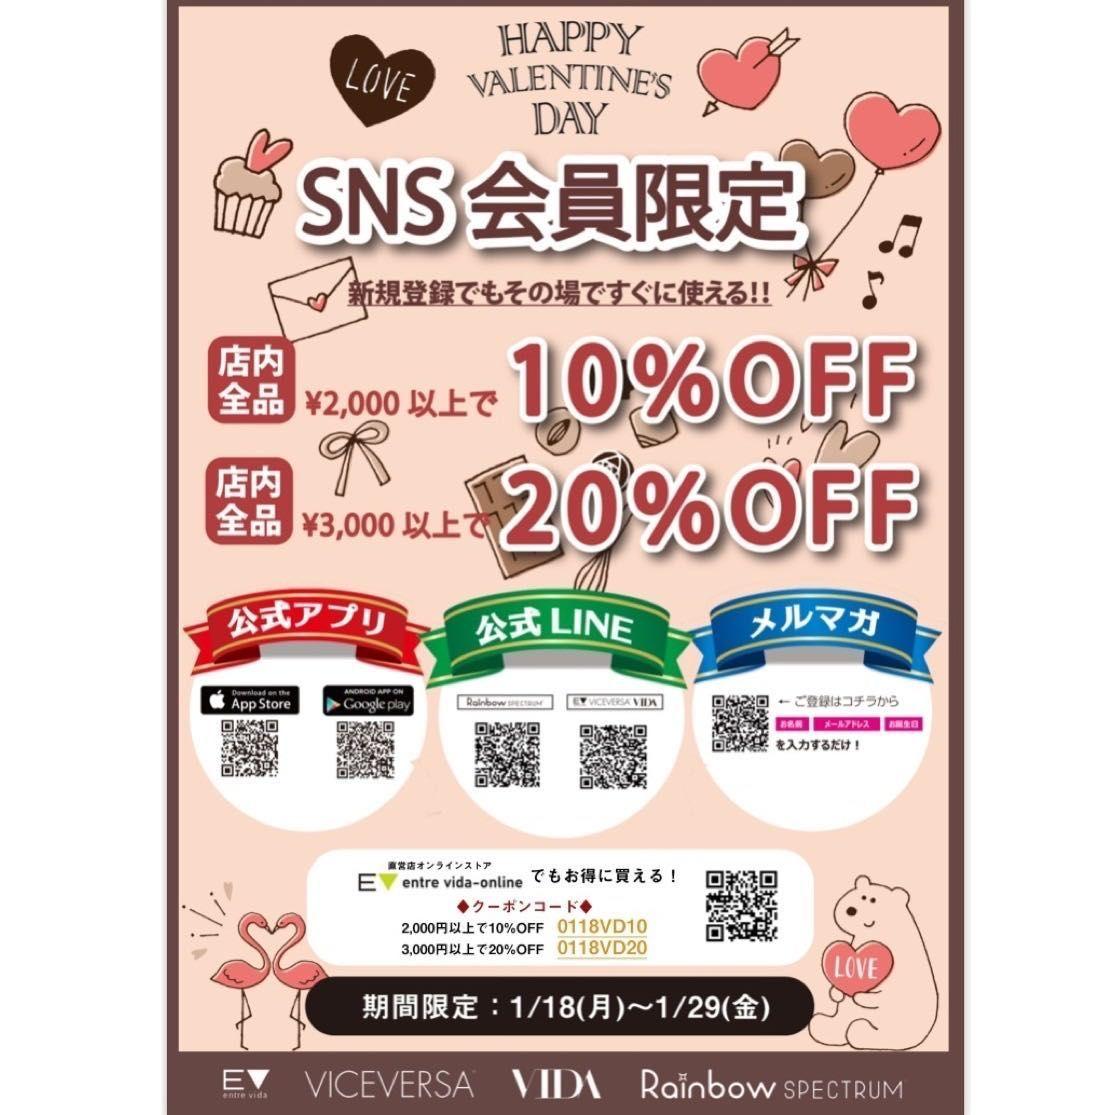 「【最大20%OFF】SNSクーポン配布中!」の写真